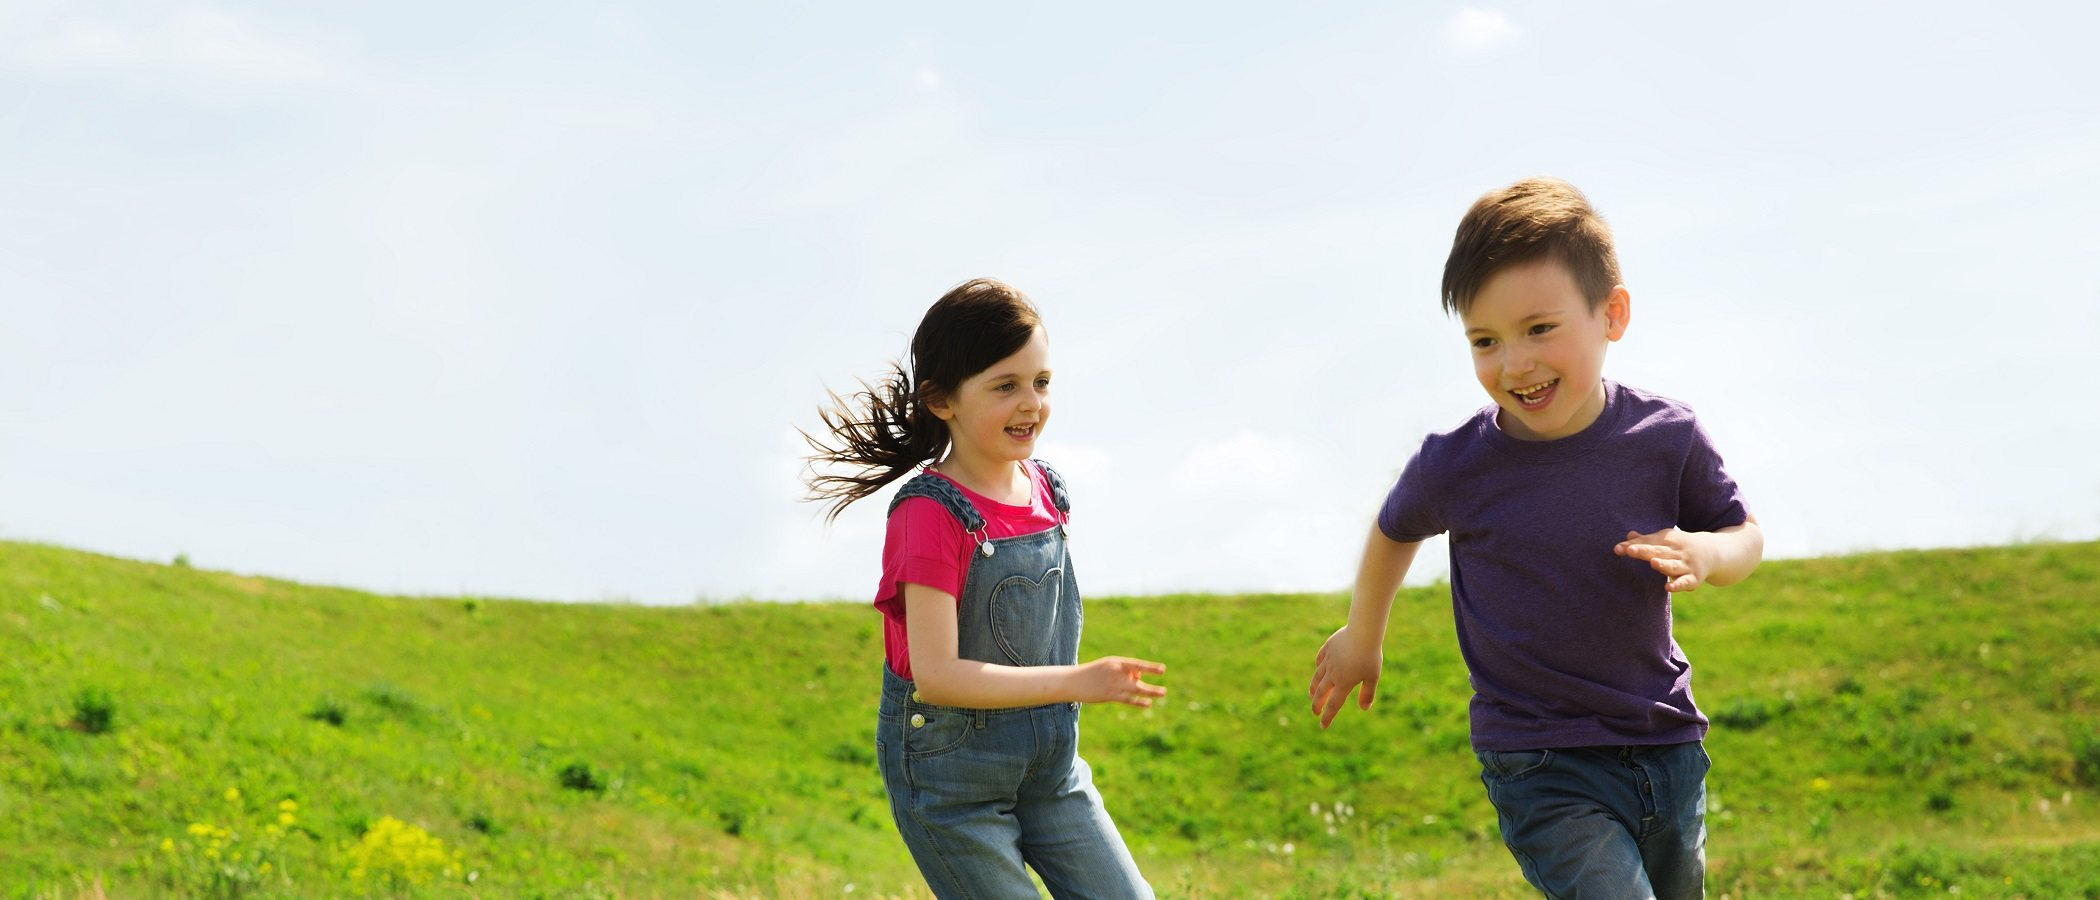 El ejercicio mejora el aprendizaje en los niños